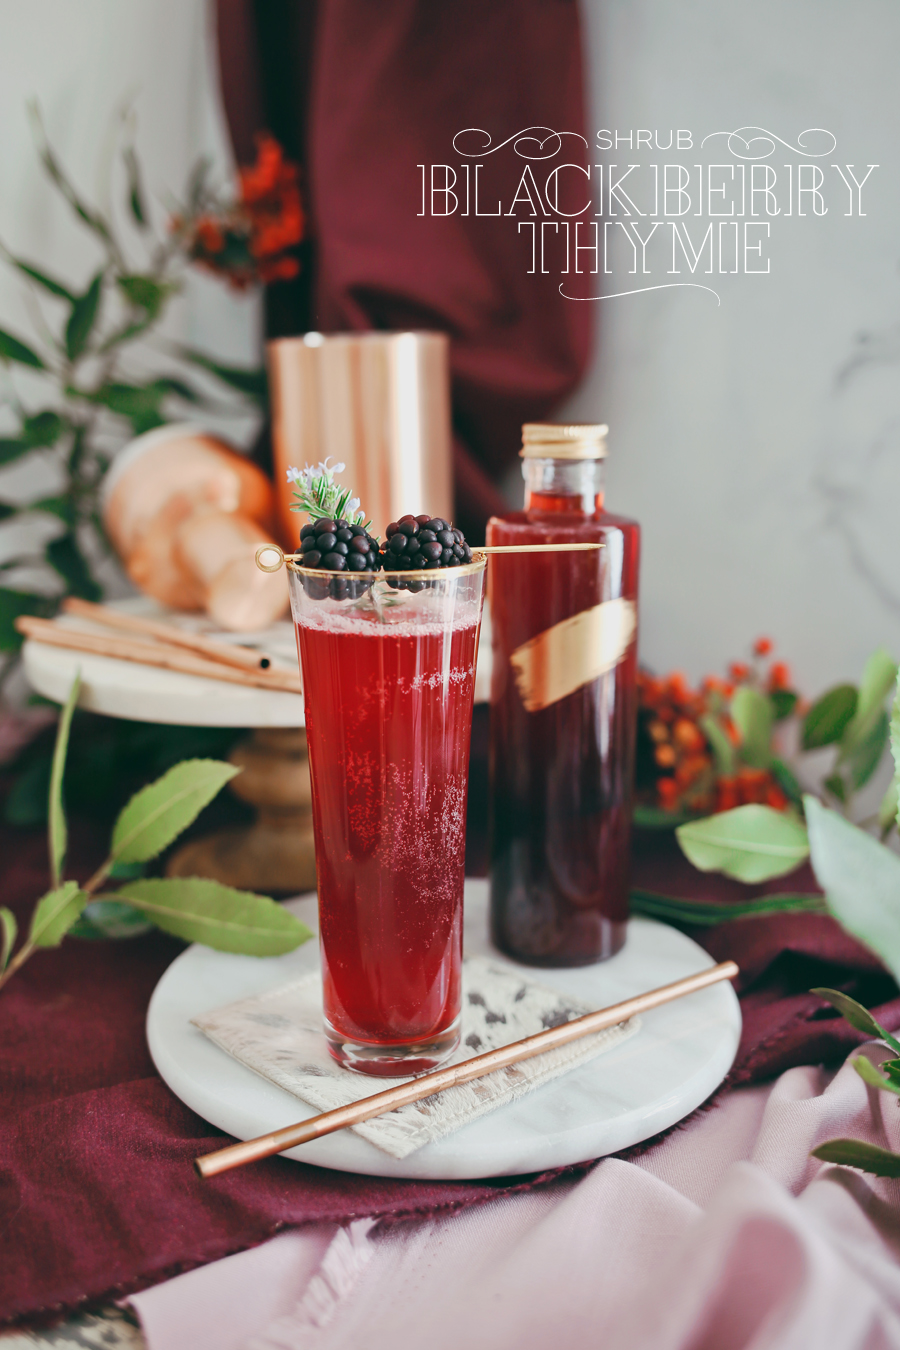 04_Blackberry-Thyme-Shrub-Cocktail-Dine-X-Design.jpg